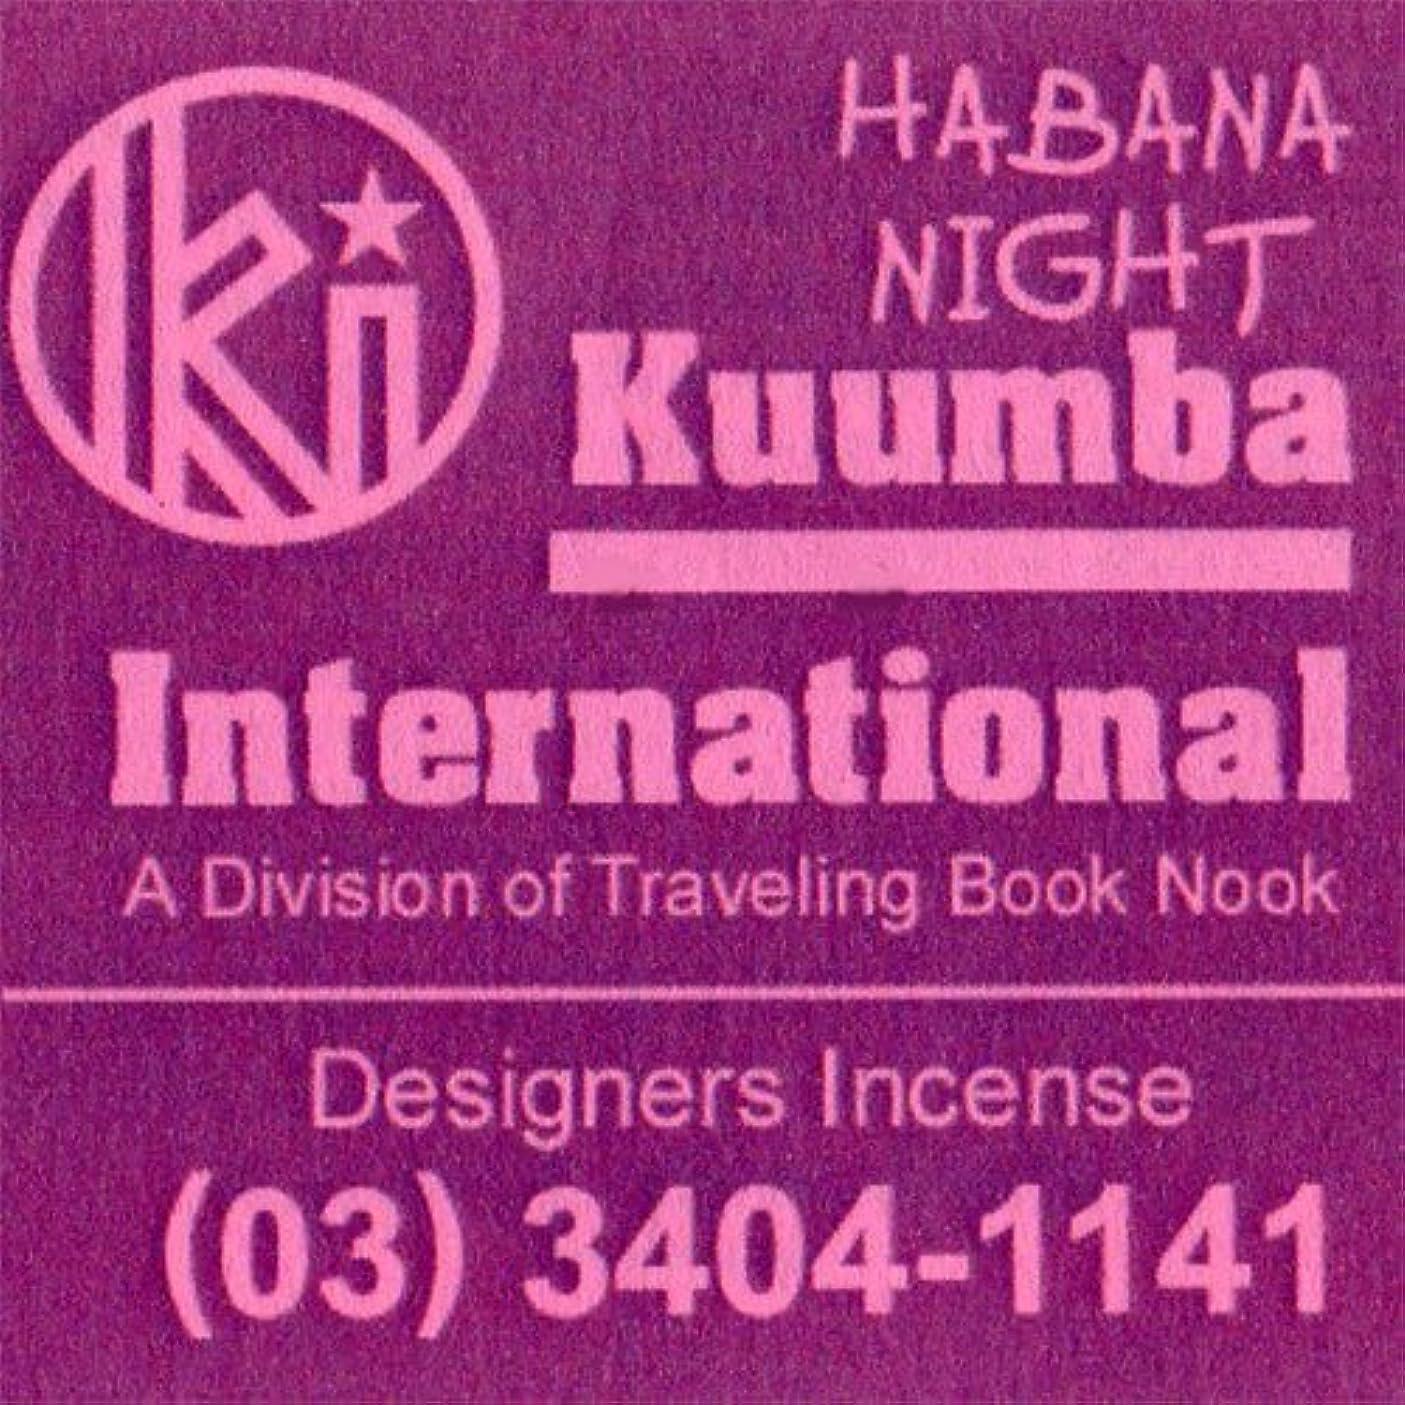 労働者マイク小さいKUUMBA/クンバ『incense』(HABANA NIGHT) (Regular size)